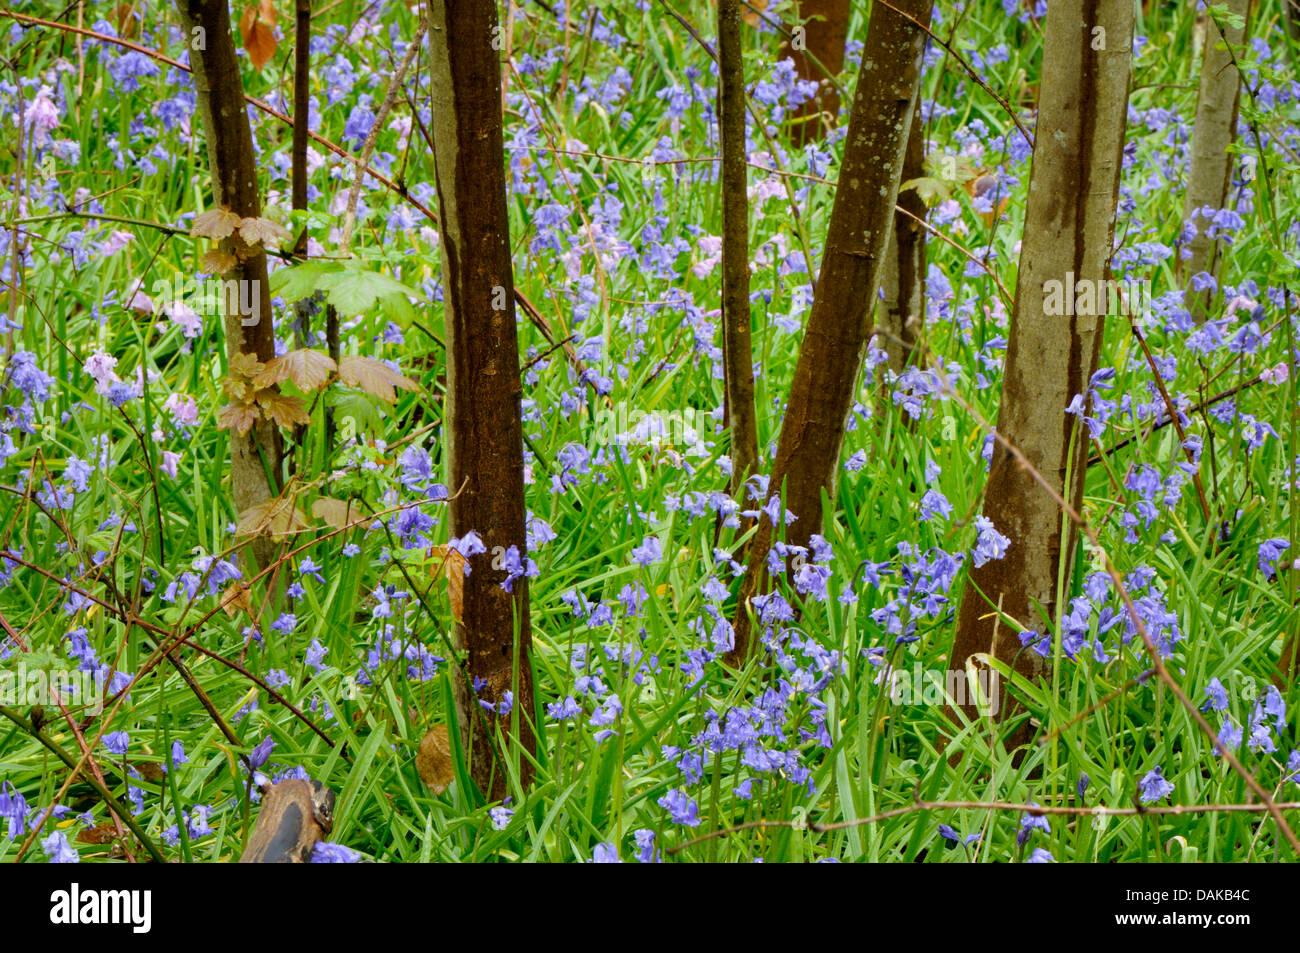 Atlantic bluebell (Hyacinthoides non-scripta, Endymion non-scriptus, Scilla non-scripta), several Atlantic bluebells - Stock Image